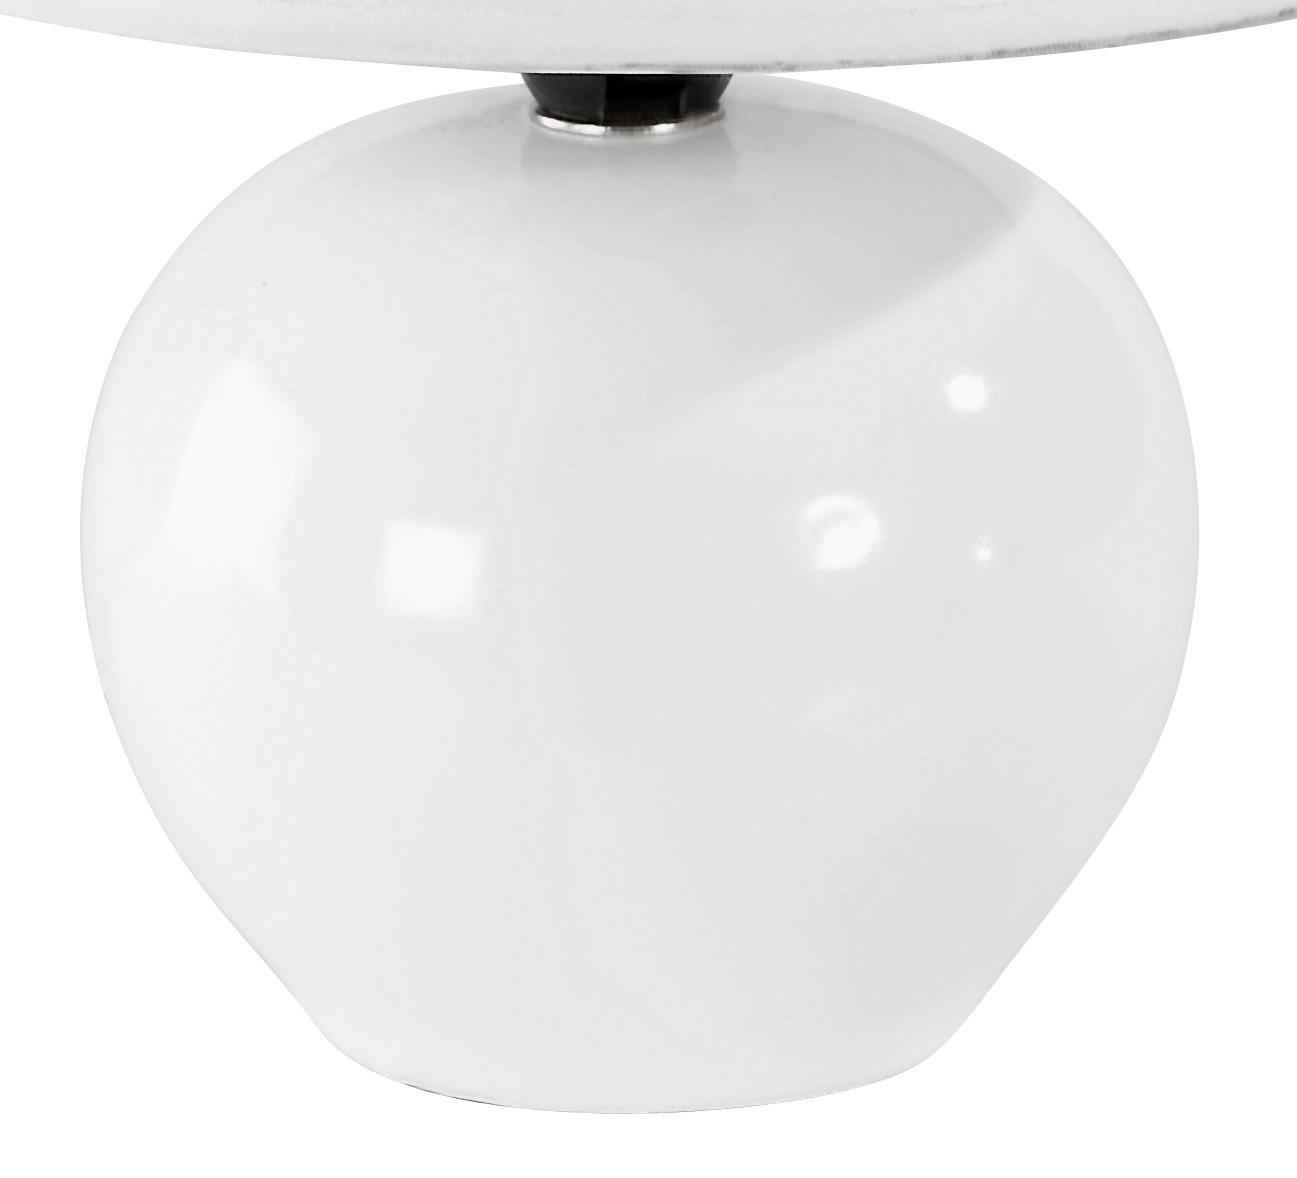 Tischlampe Cindy Cremefarben mit Kugel-Keramikfuß - Detailansicht Fuß, Kugel, Keramik, Weiß